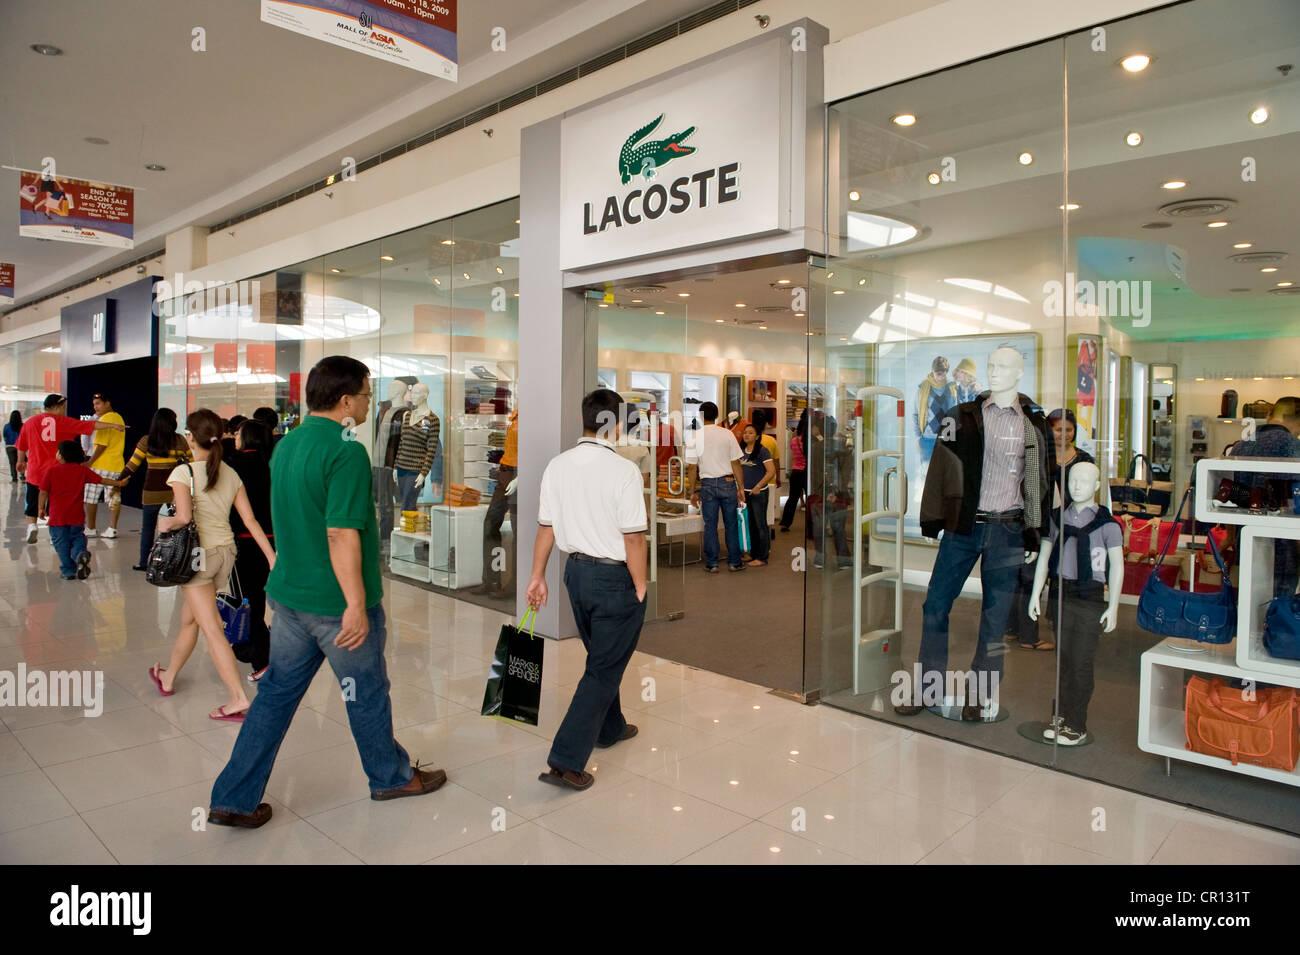 0d4c750951b77e Lacoste Boutique Stock Photos   Lacoste Boutique Stock Images - Alamy